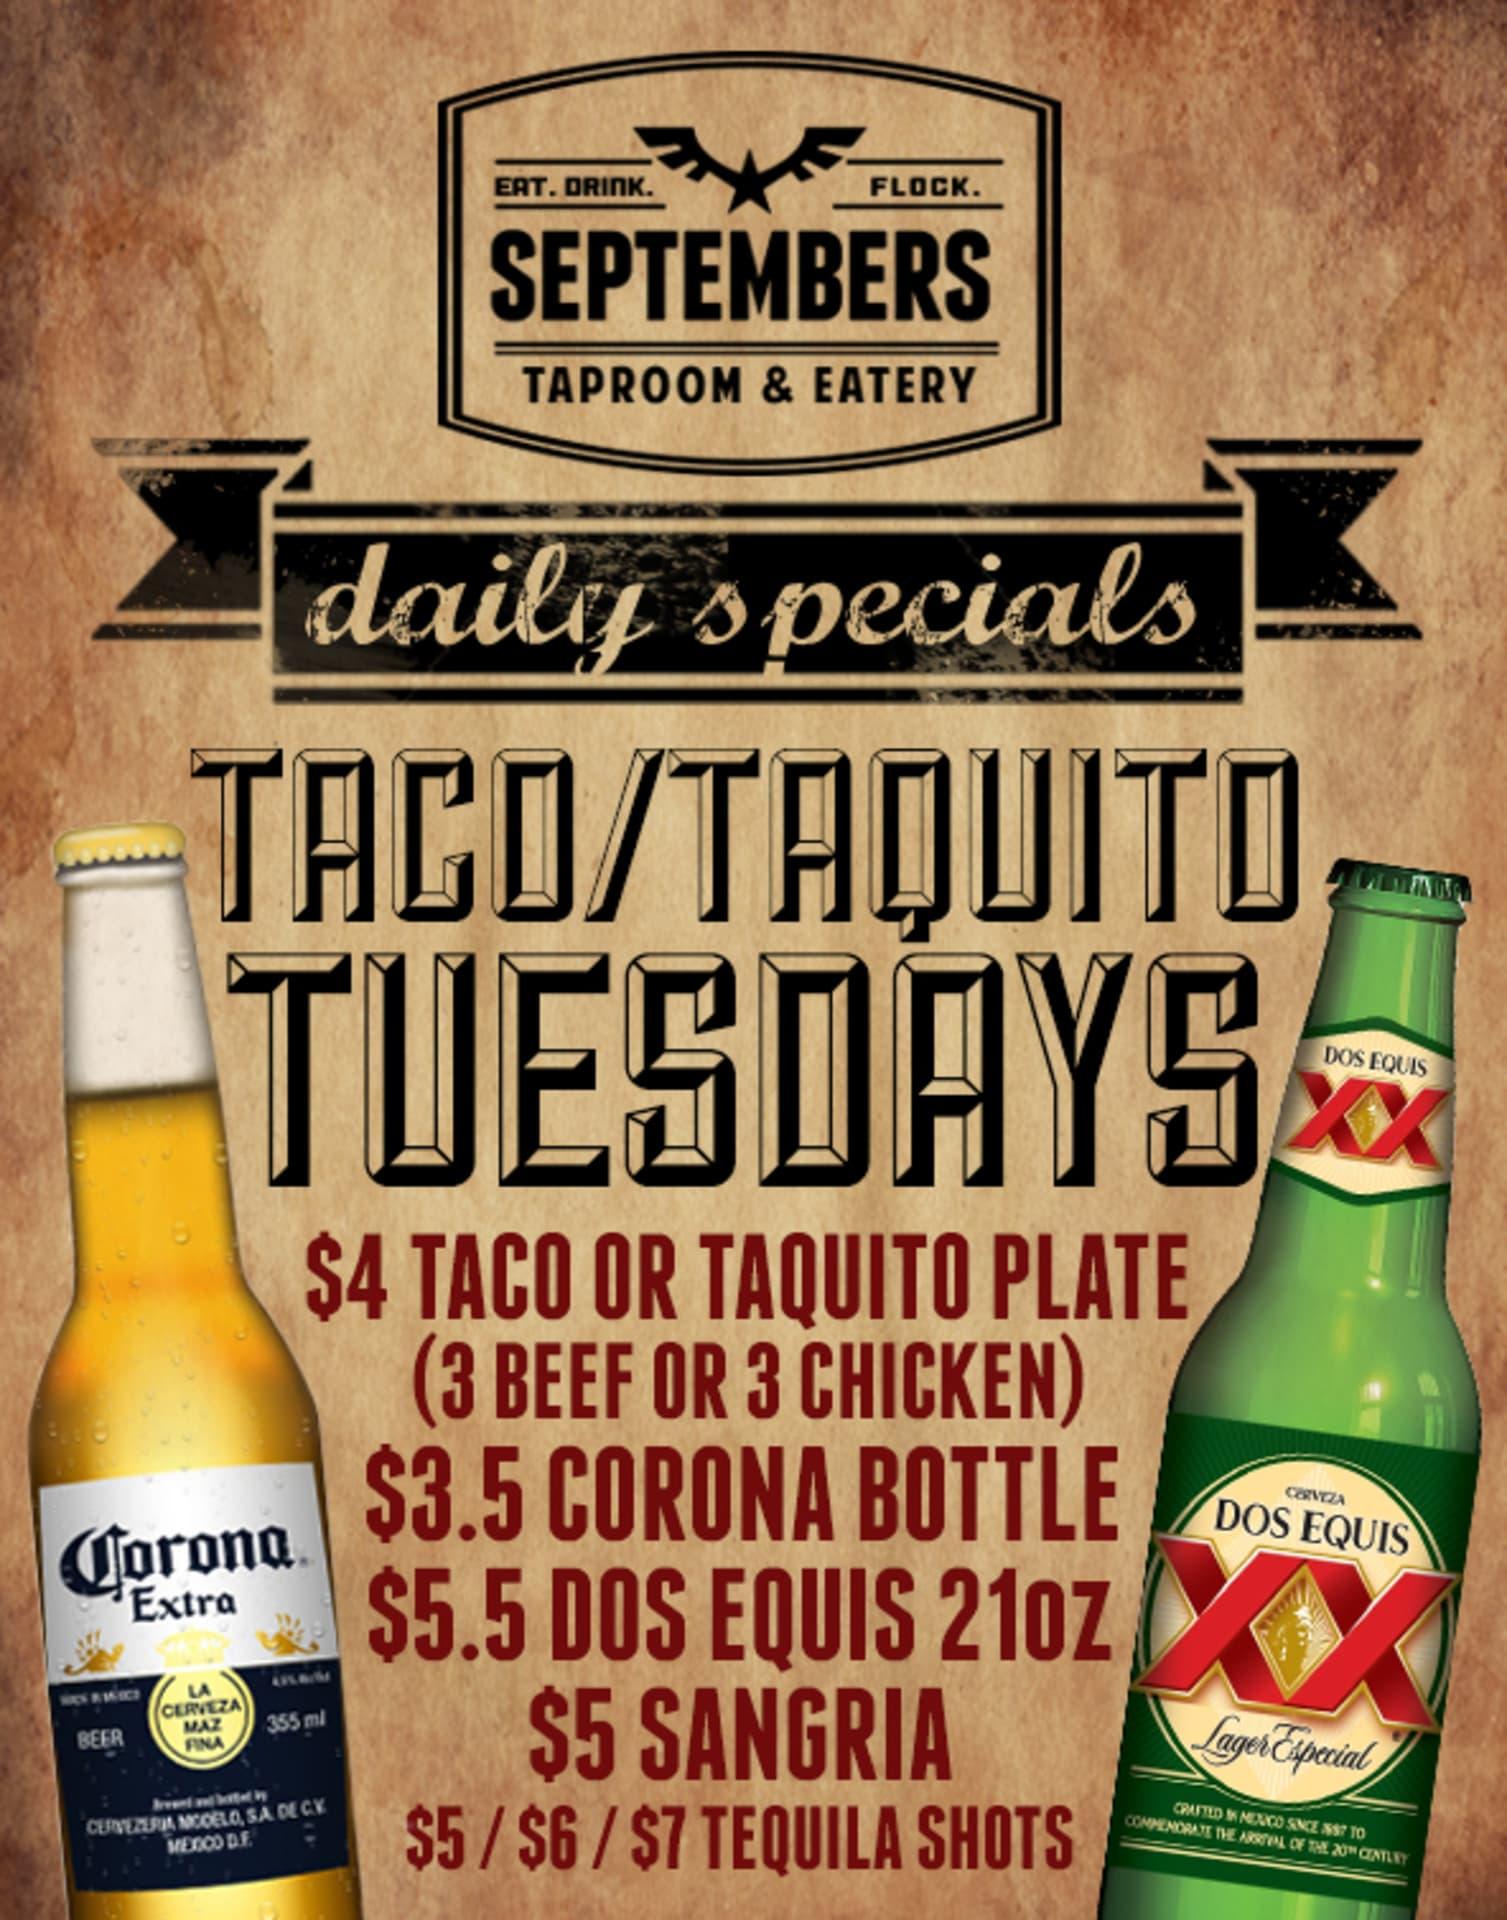 Tuesday   Taco & Taquito Tuesday